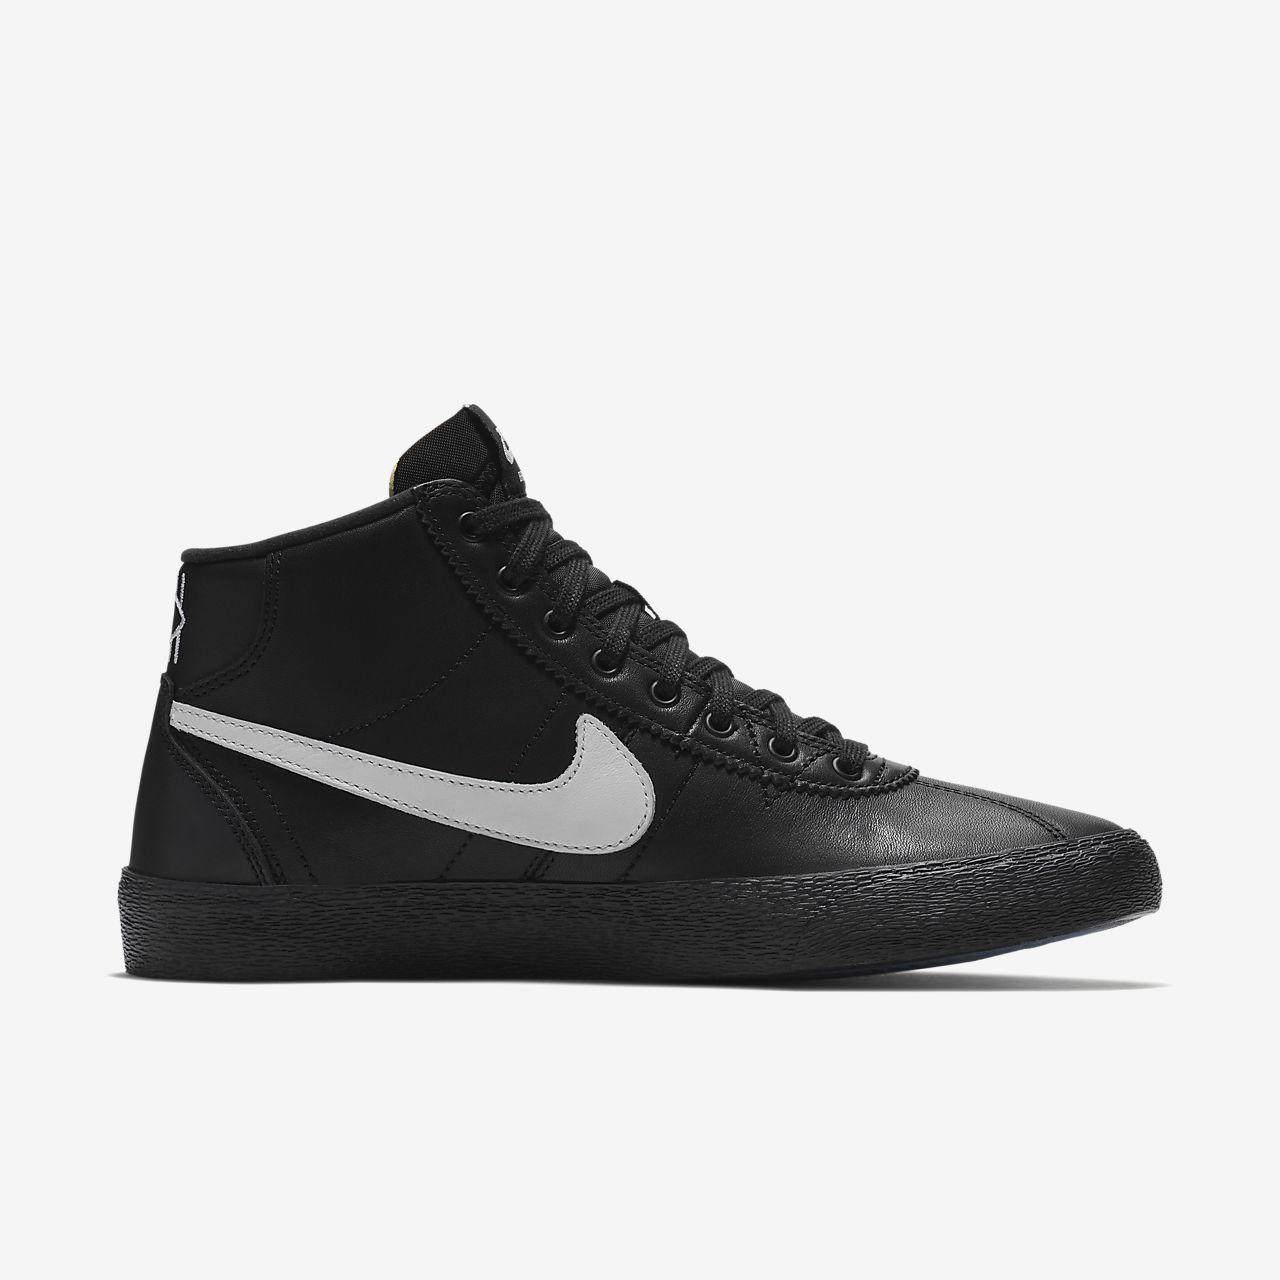 Nike SB Bruin Hi Women's Skateboarding Shoe Big Discount Cheap Online k7AWKBI